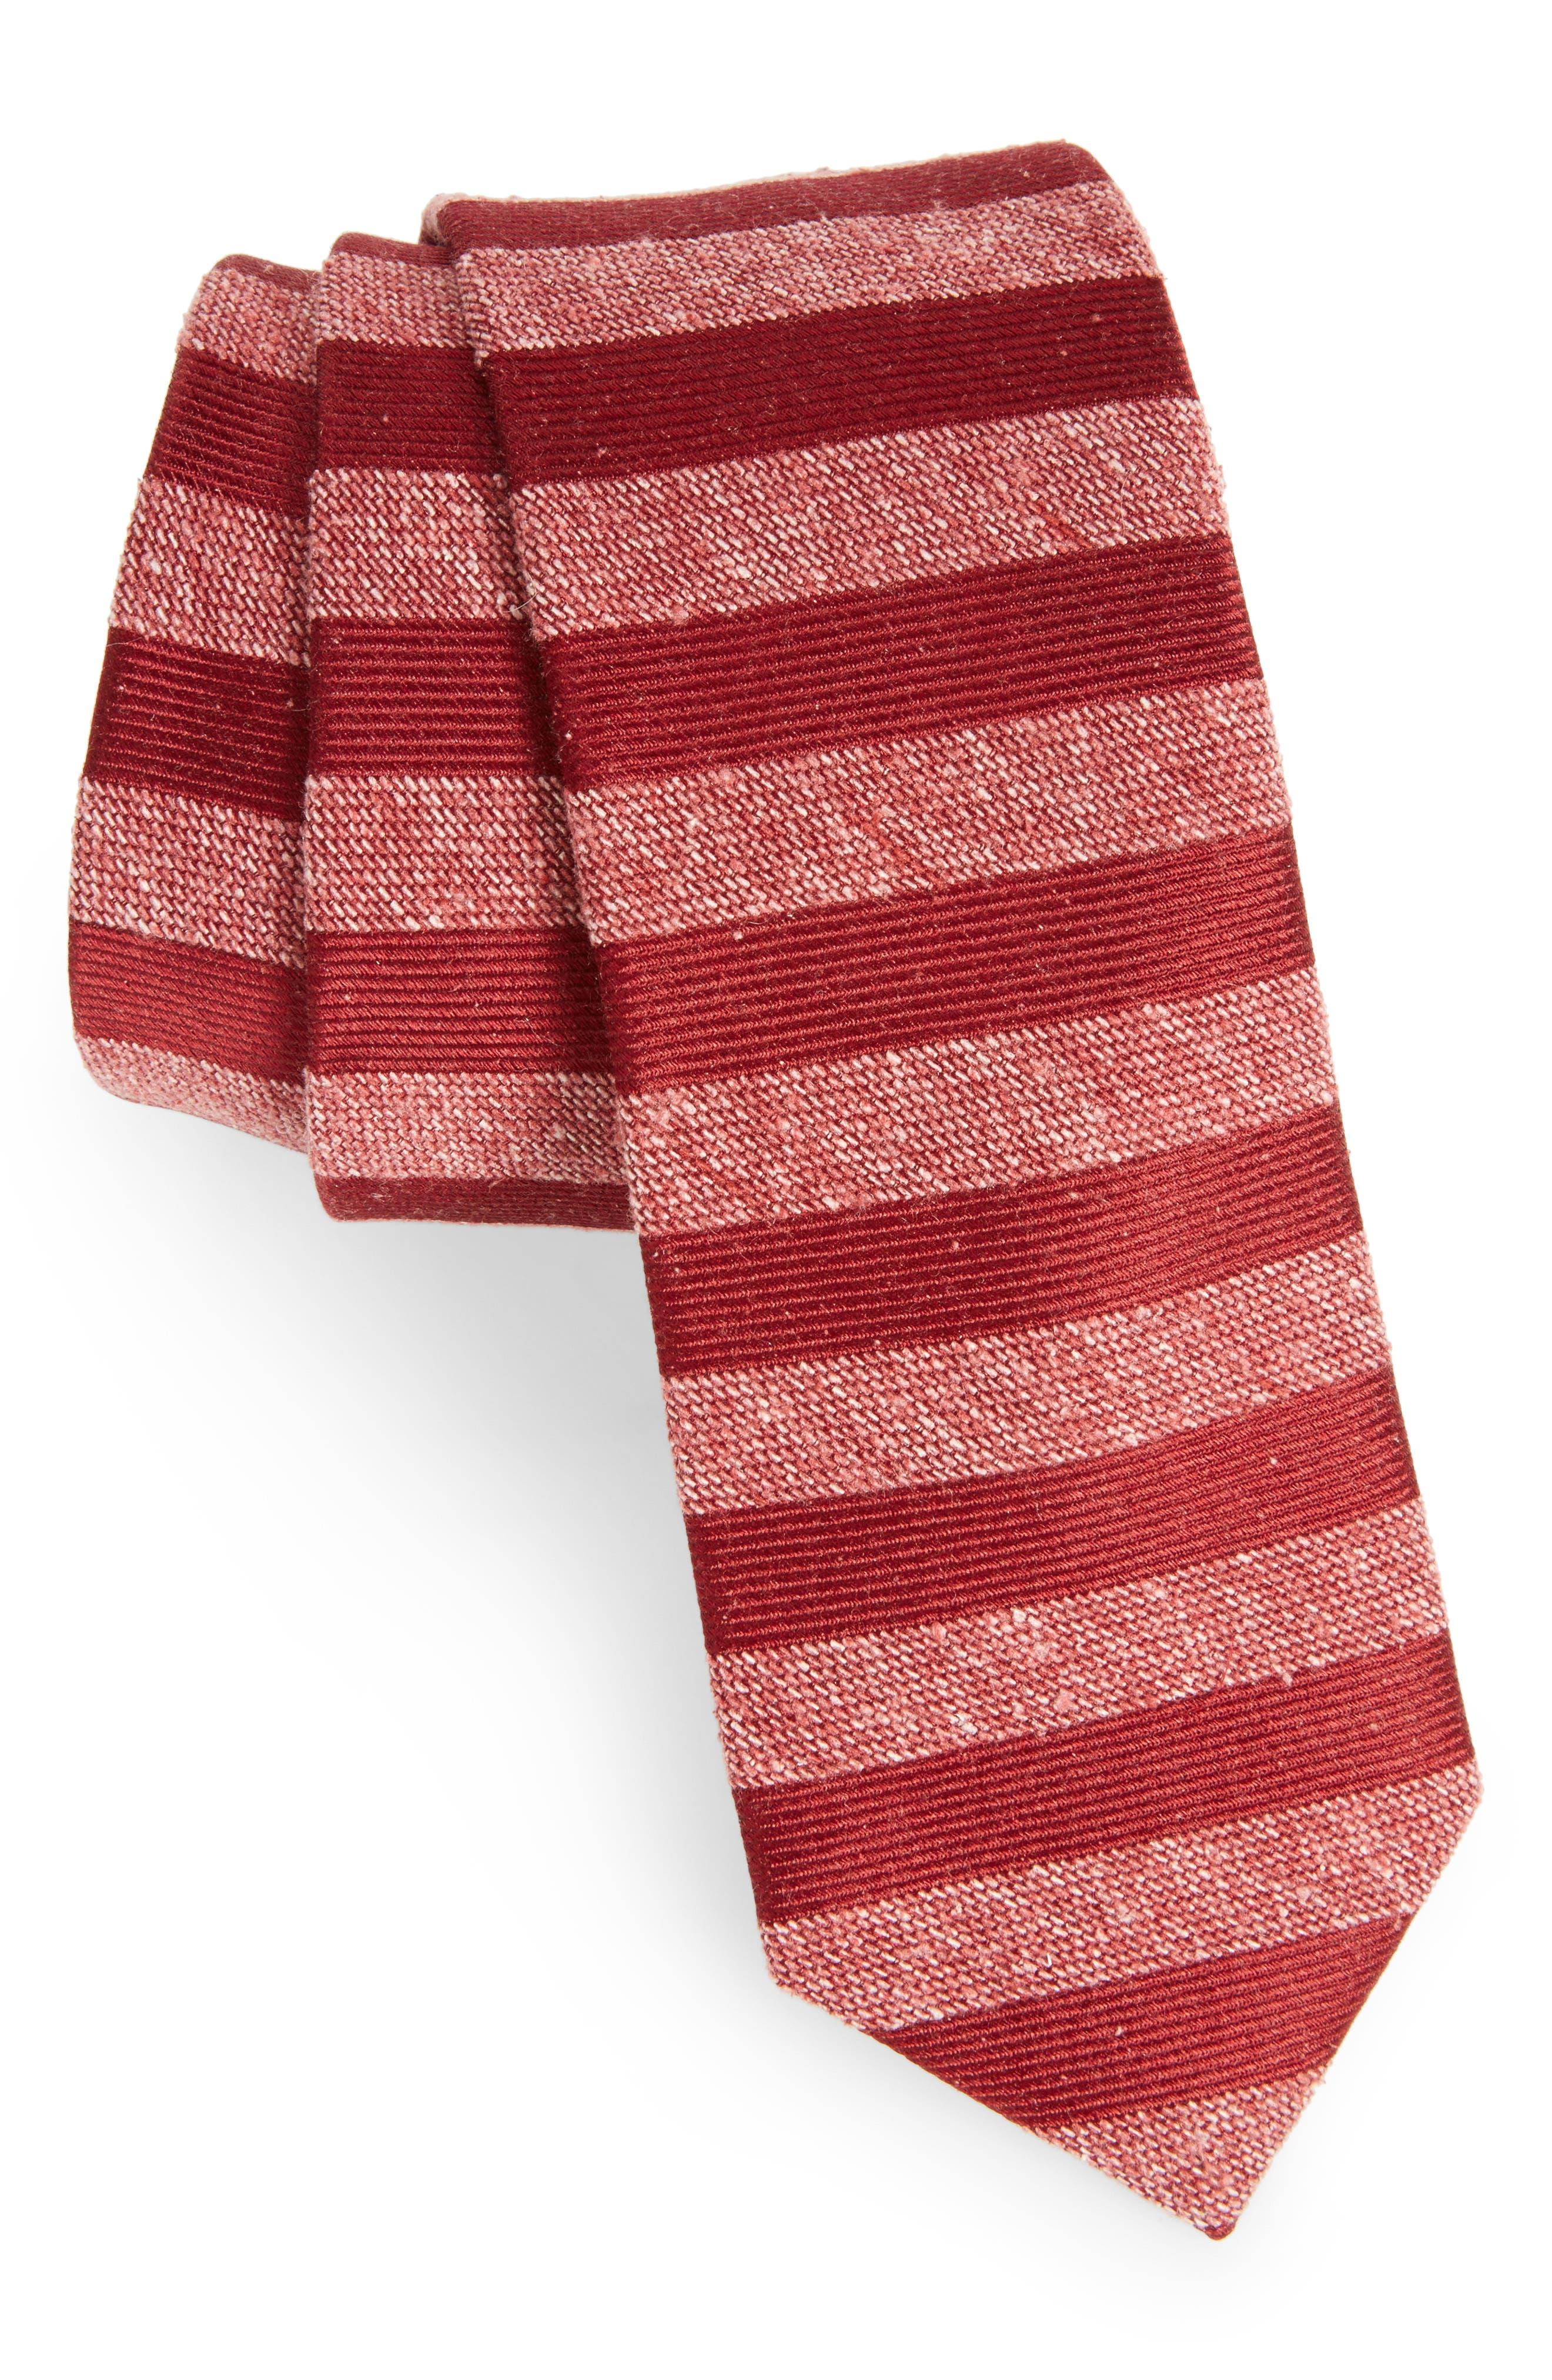 Main Image - The Tie Bar Meter Stripe Nep Silk Tie